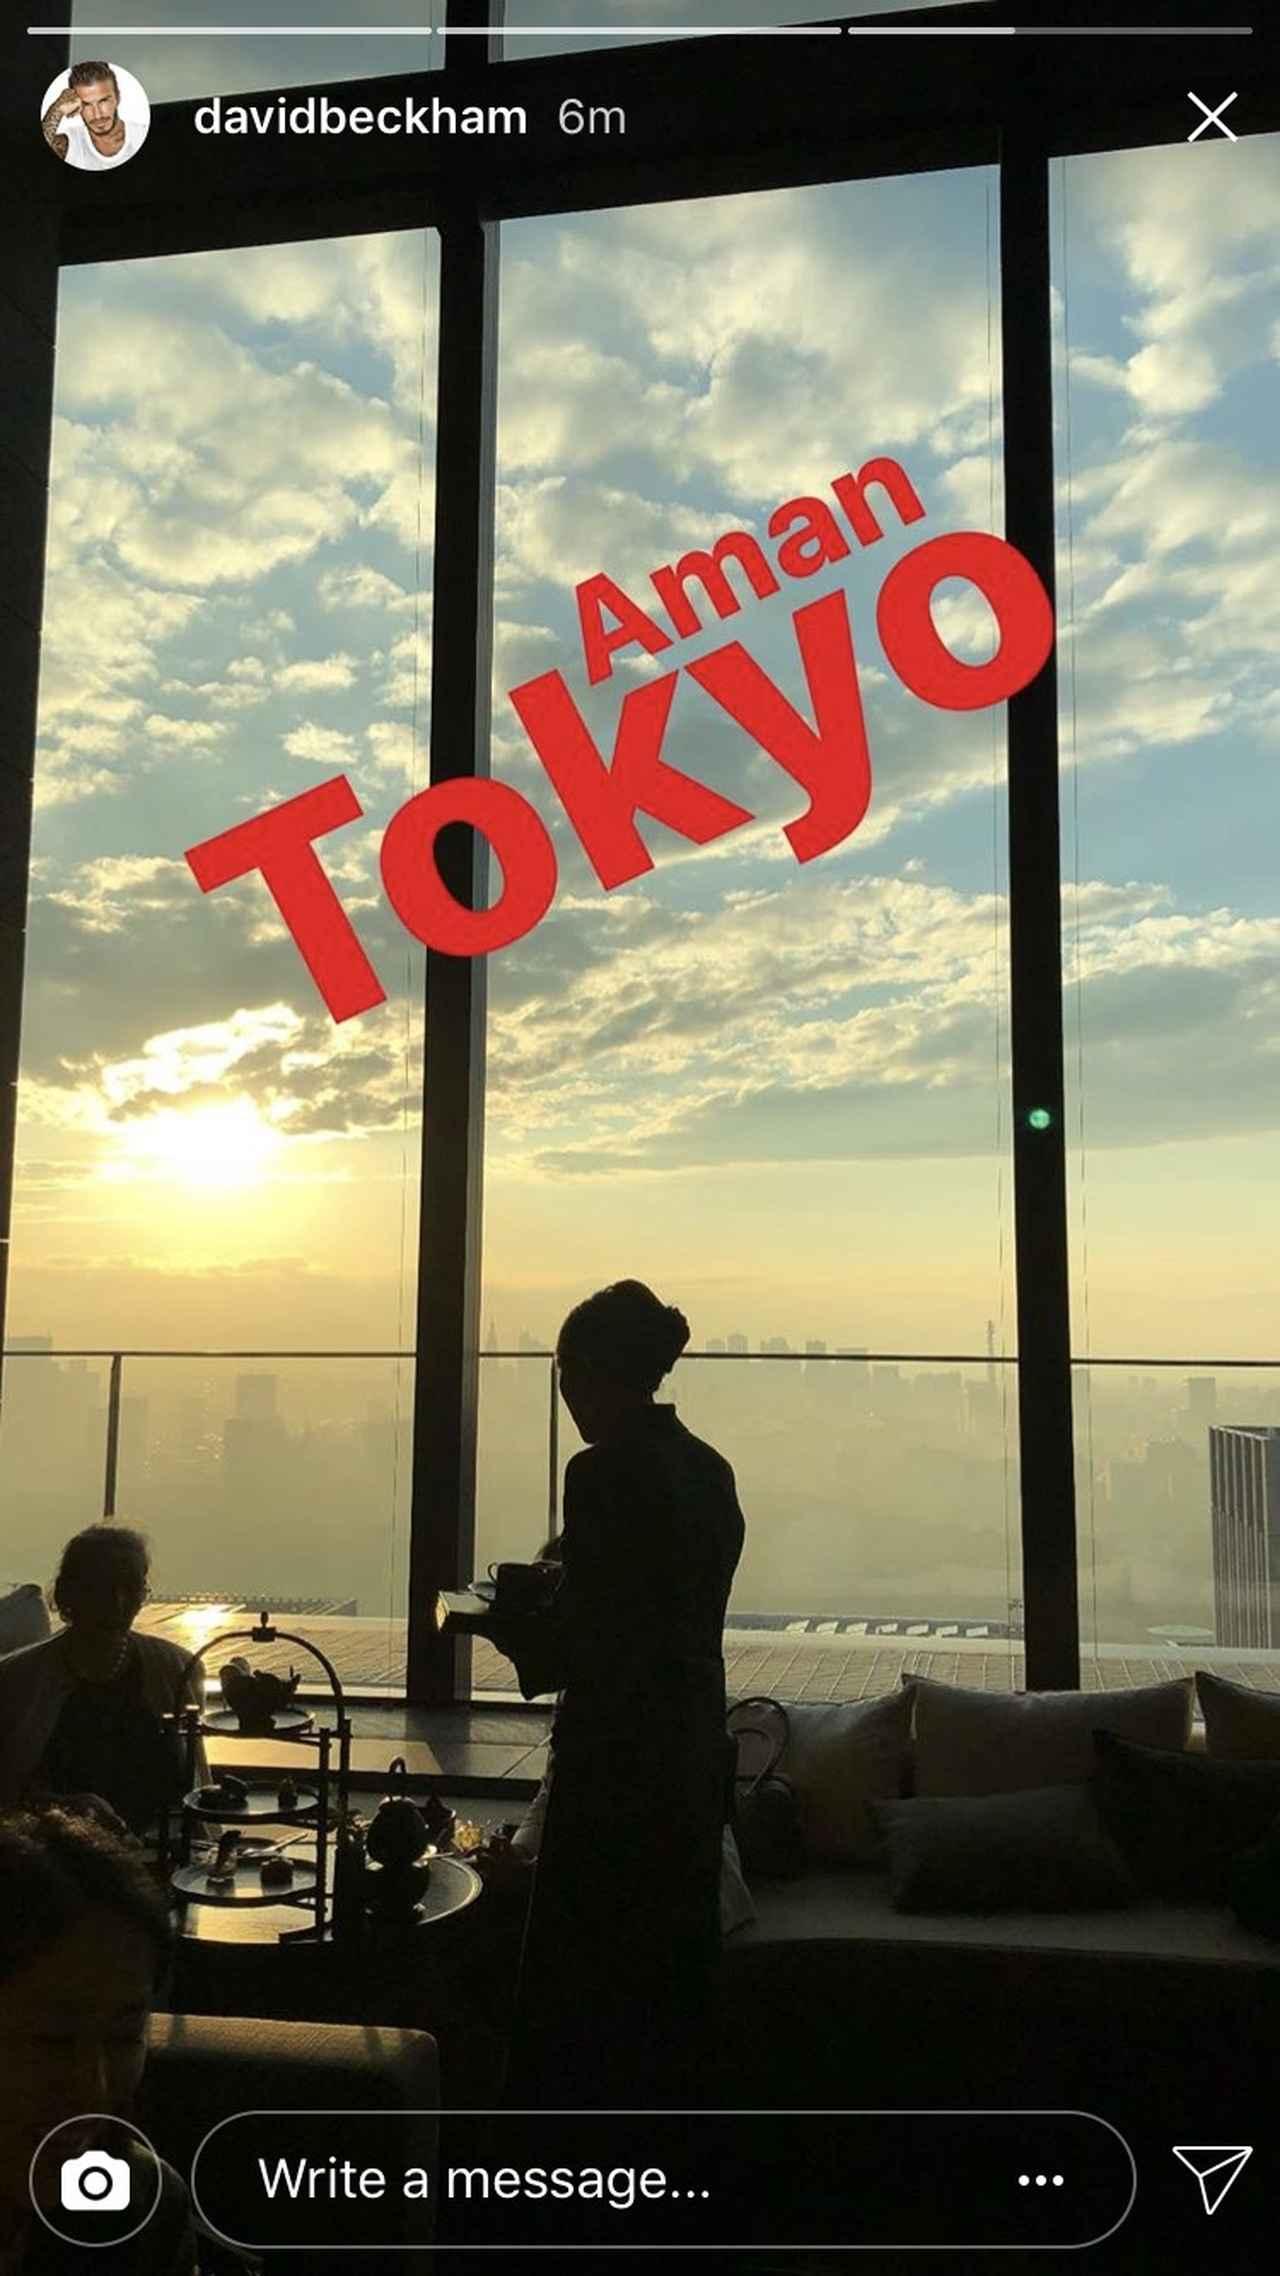 画像3: 「東京が恋しかったよ」デヴィッド・ベッカム来日中!早速日本を堪能